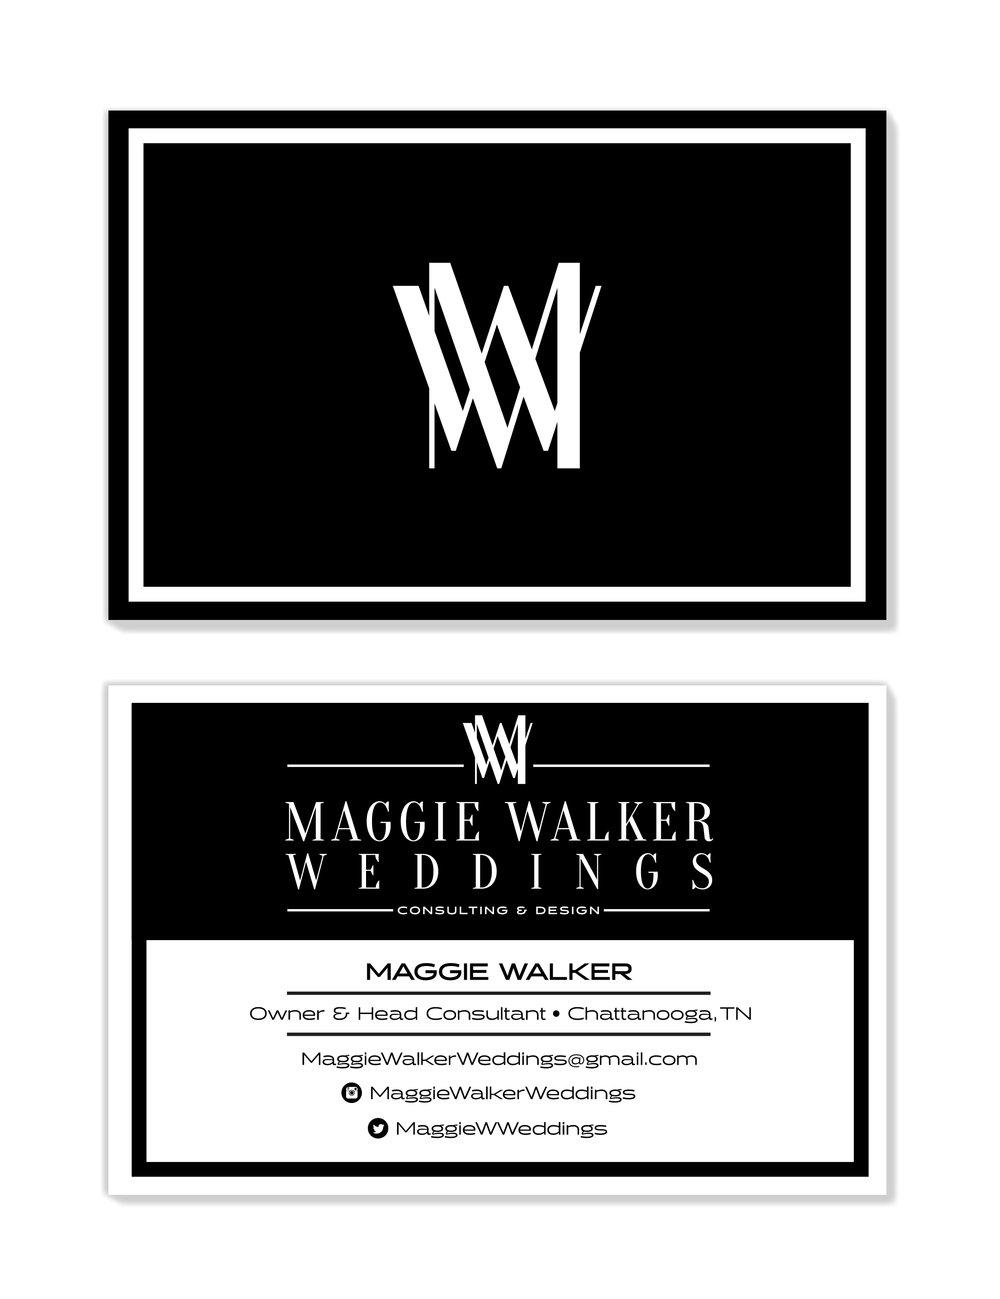 Maggie Walker Weddings Business Cards Image-01.jpg